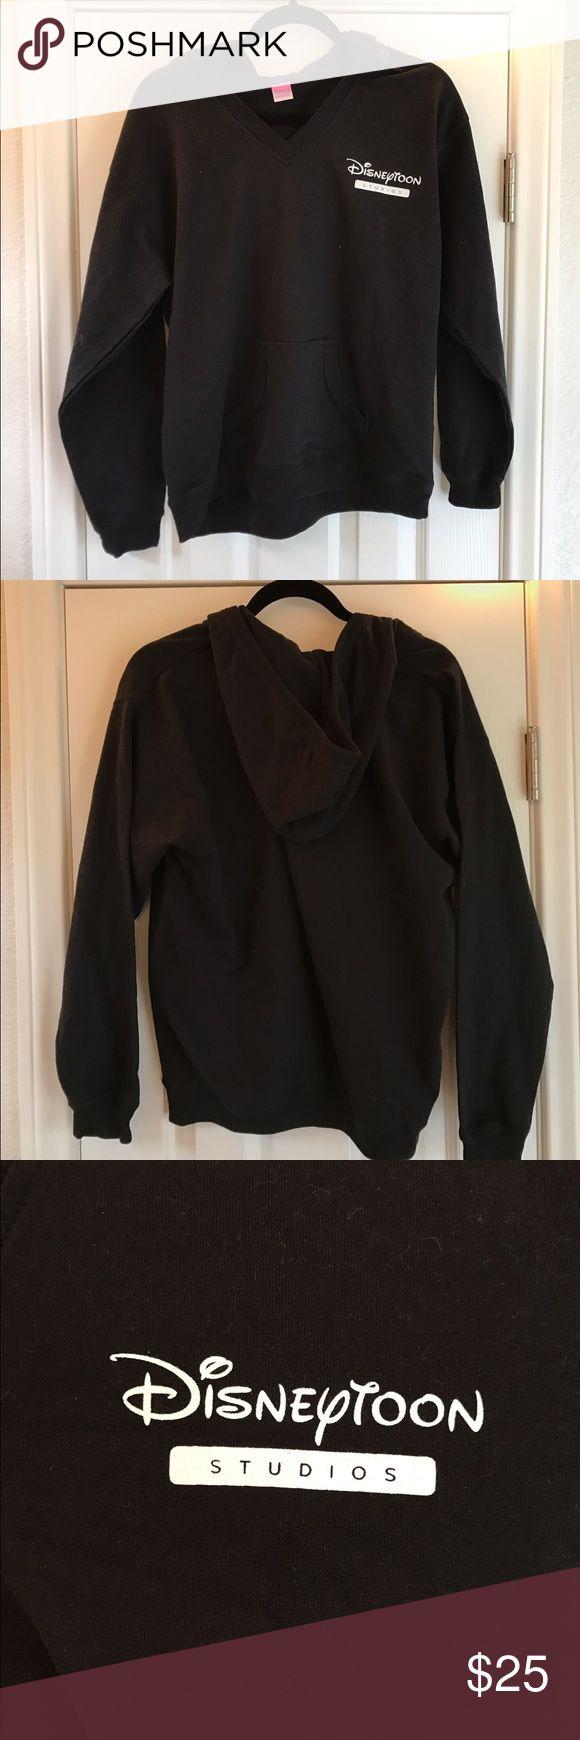 Disneytoon Studios Hoodie Black Disneytoon Studios pullover hoodie, never worn. Disney Tops Sweatshirts & Hoodies